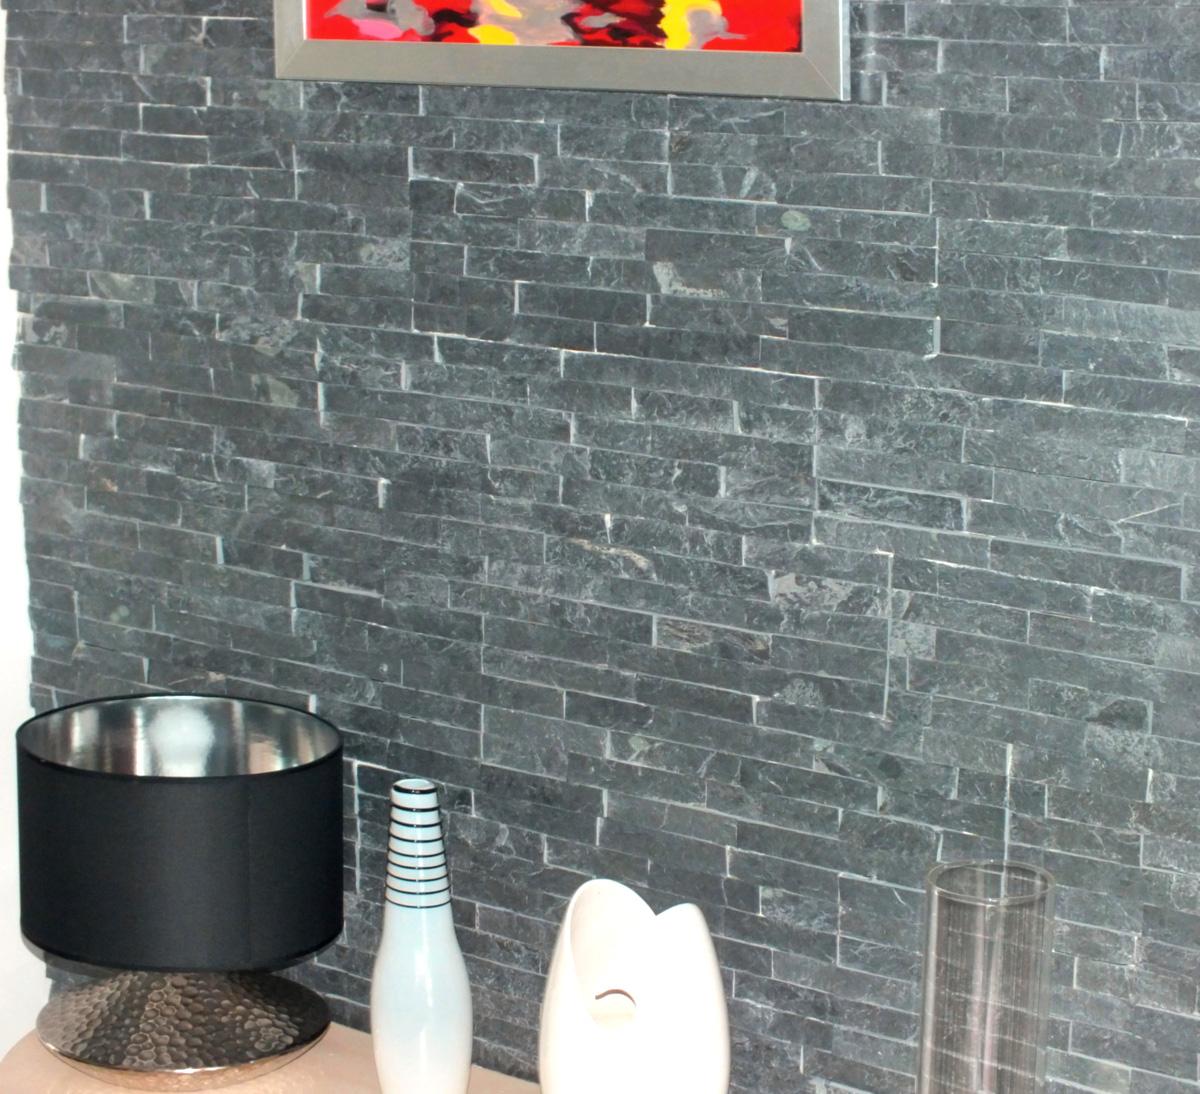 Mur Parement Interieur Ardoise plaquette de parement ardoise indy 15x60cm ép. 1-3cm - boîte de 0,54m² -  noir - arte home